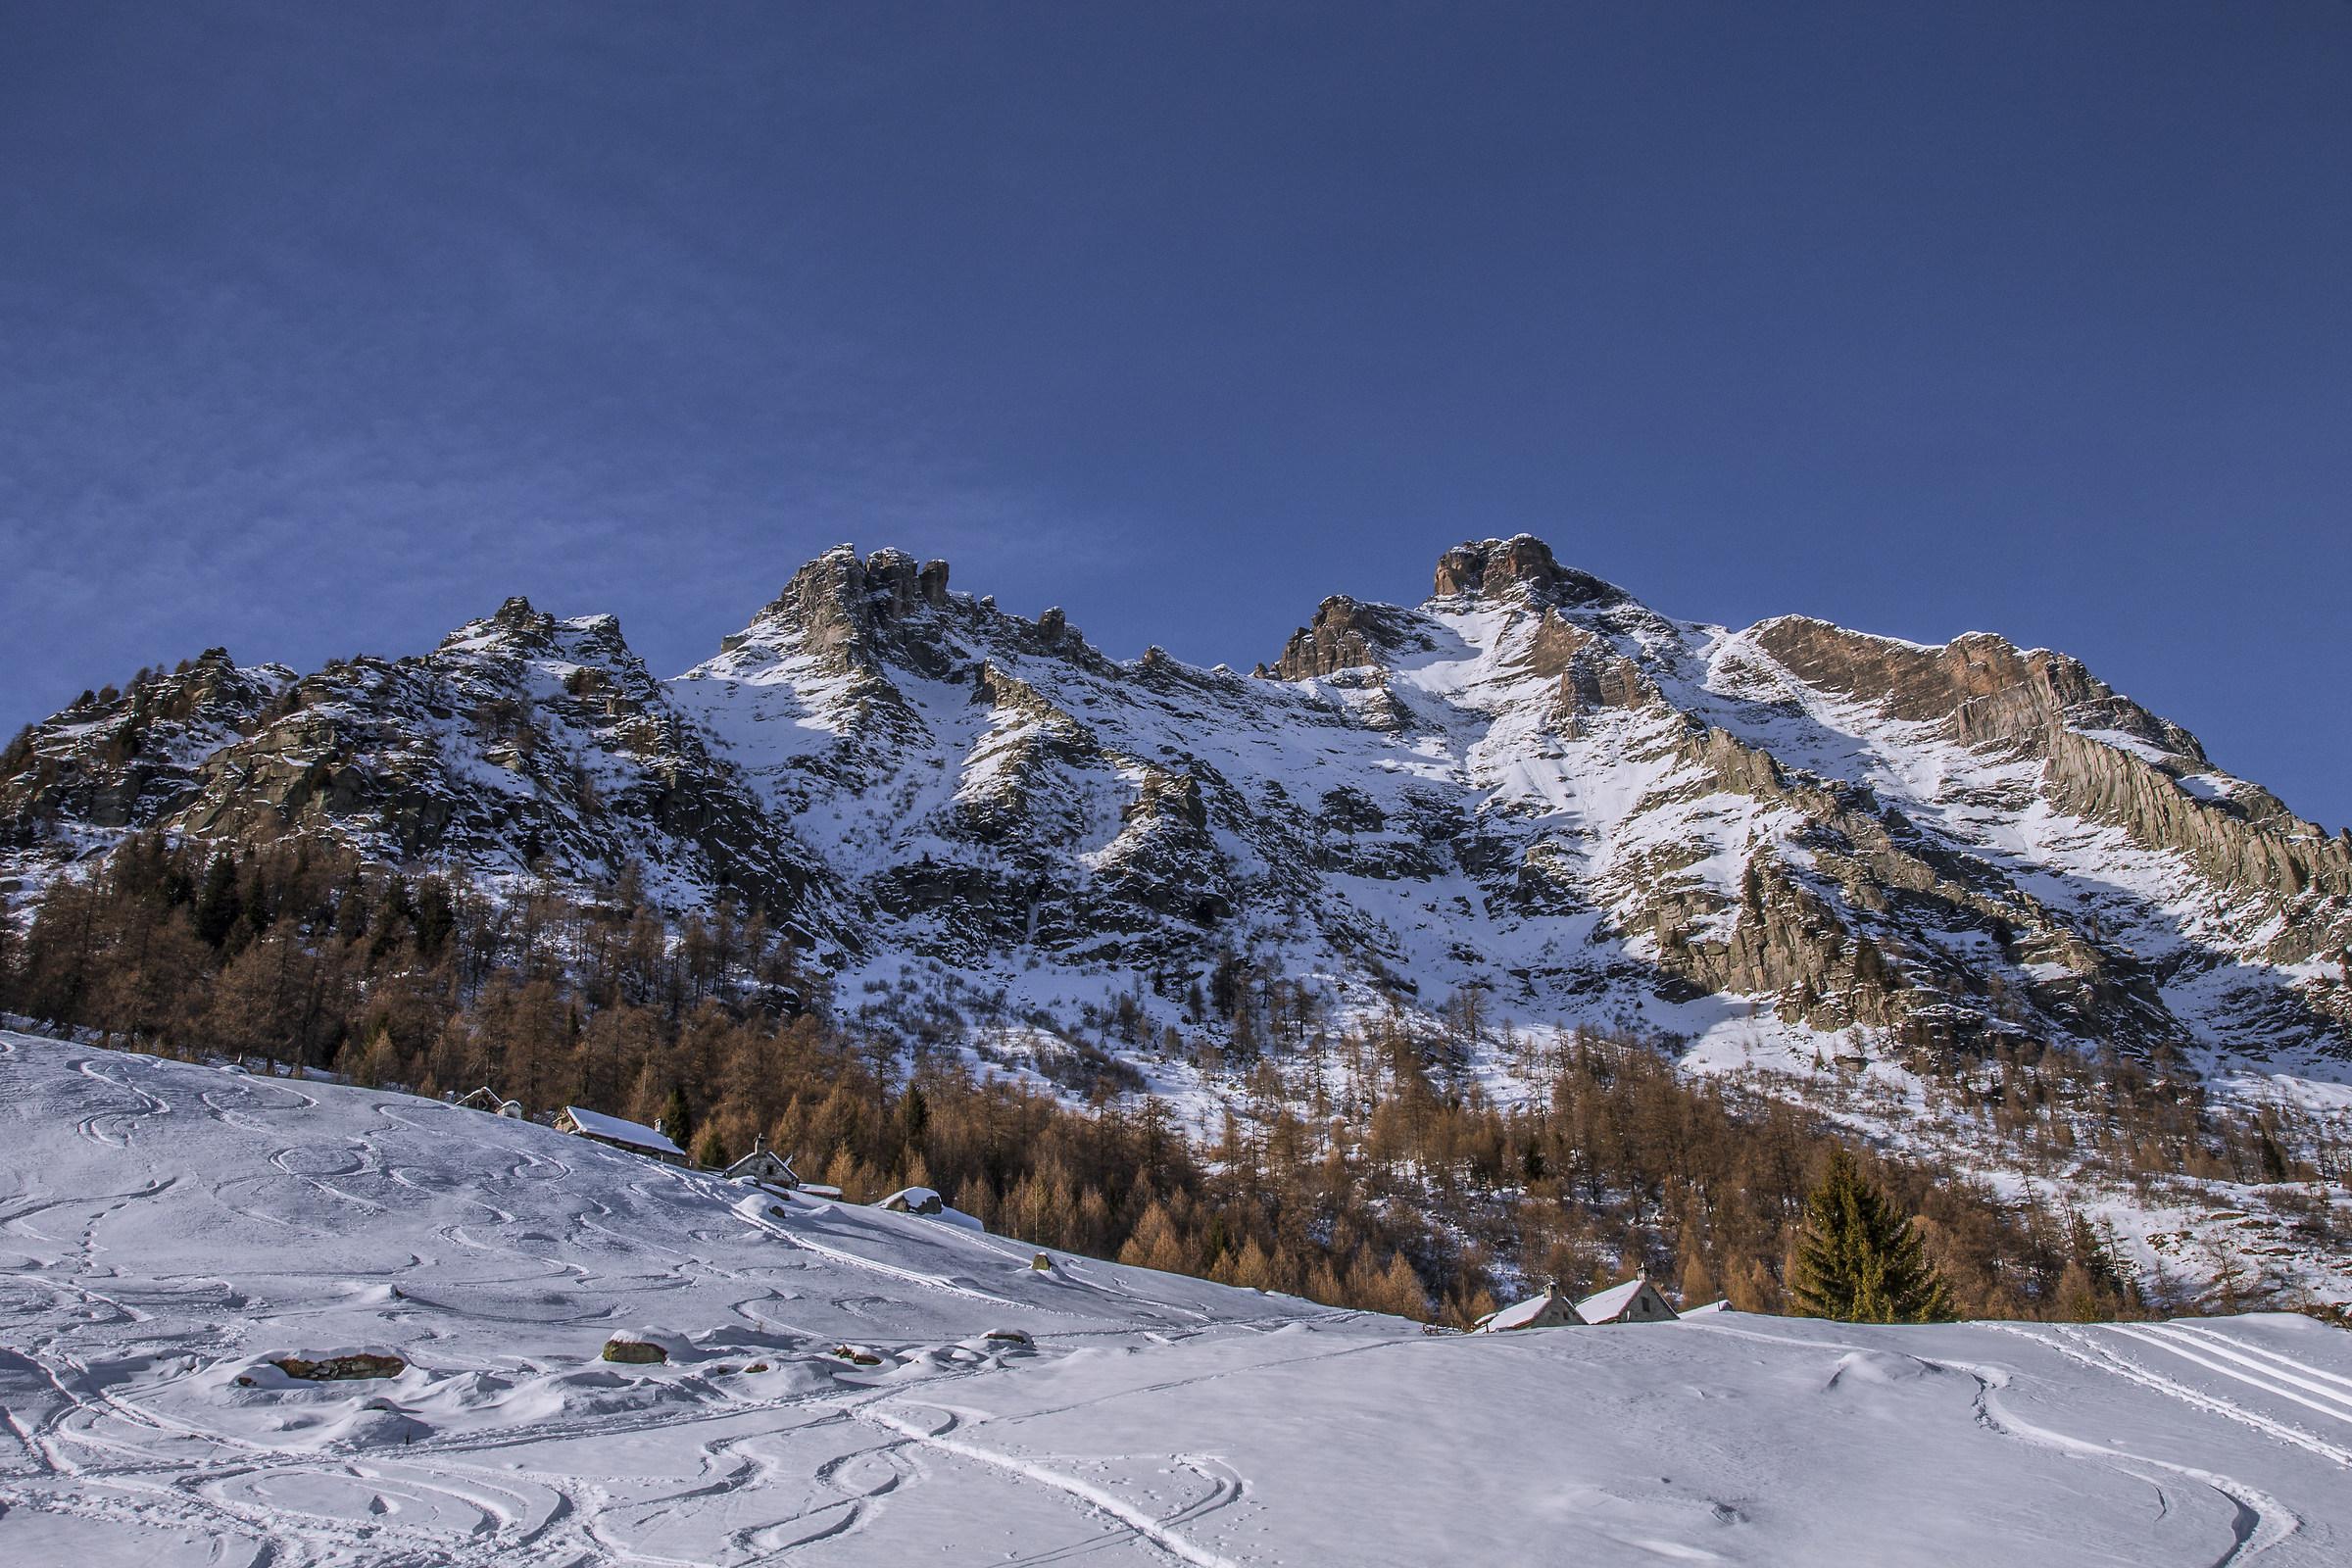 La maestosità del monte Cistella...